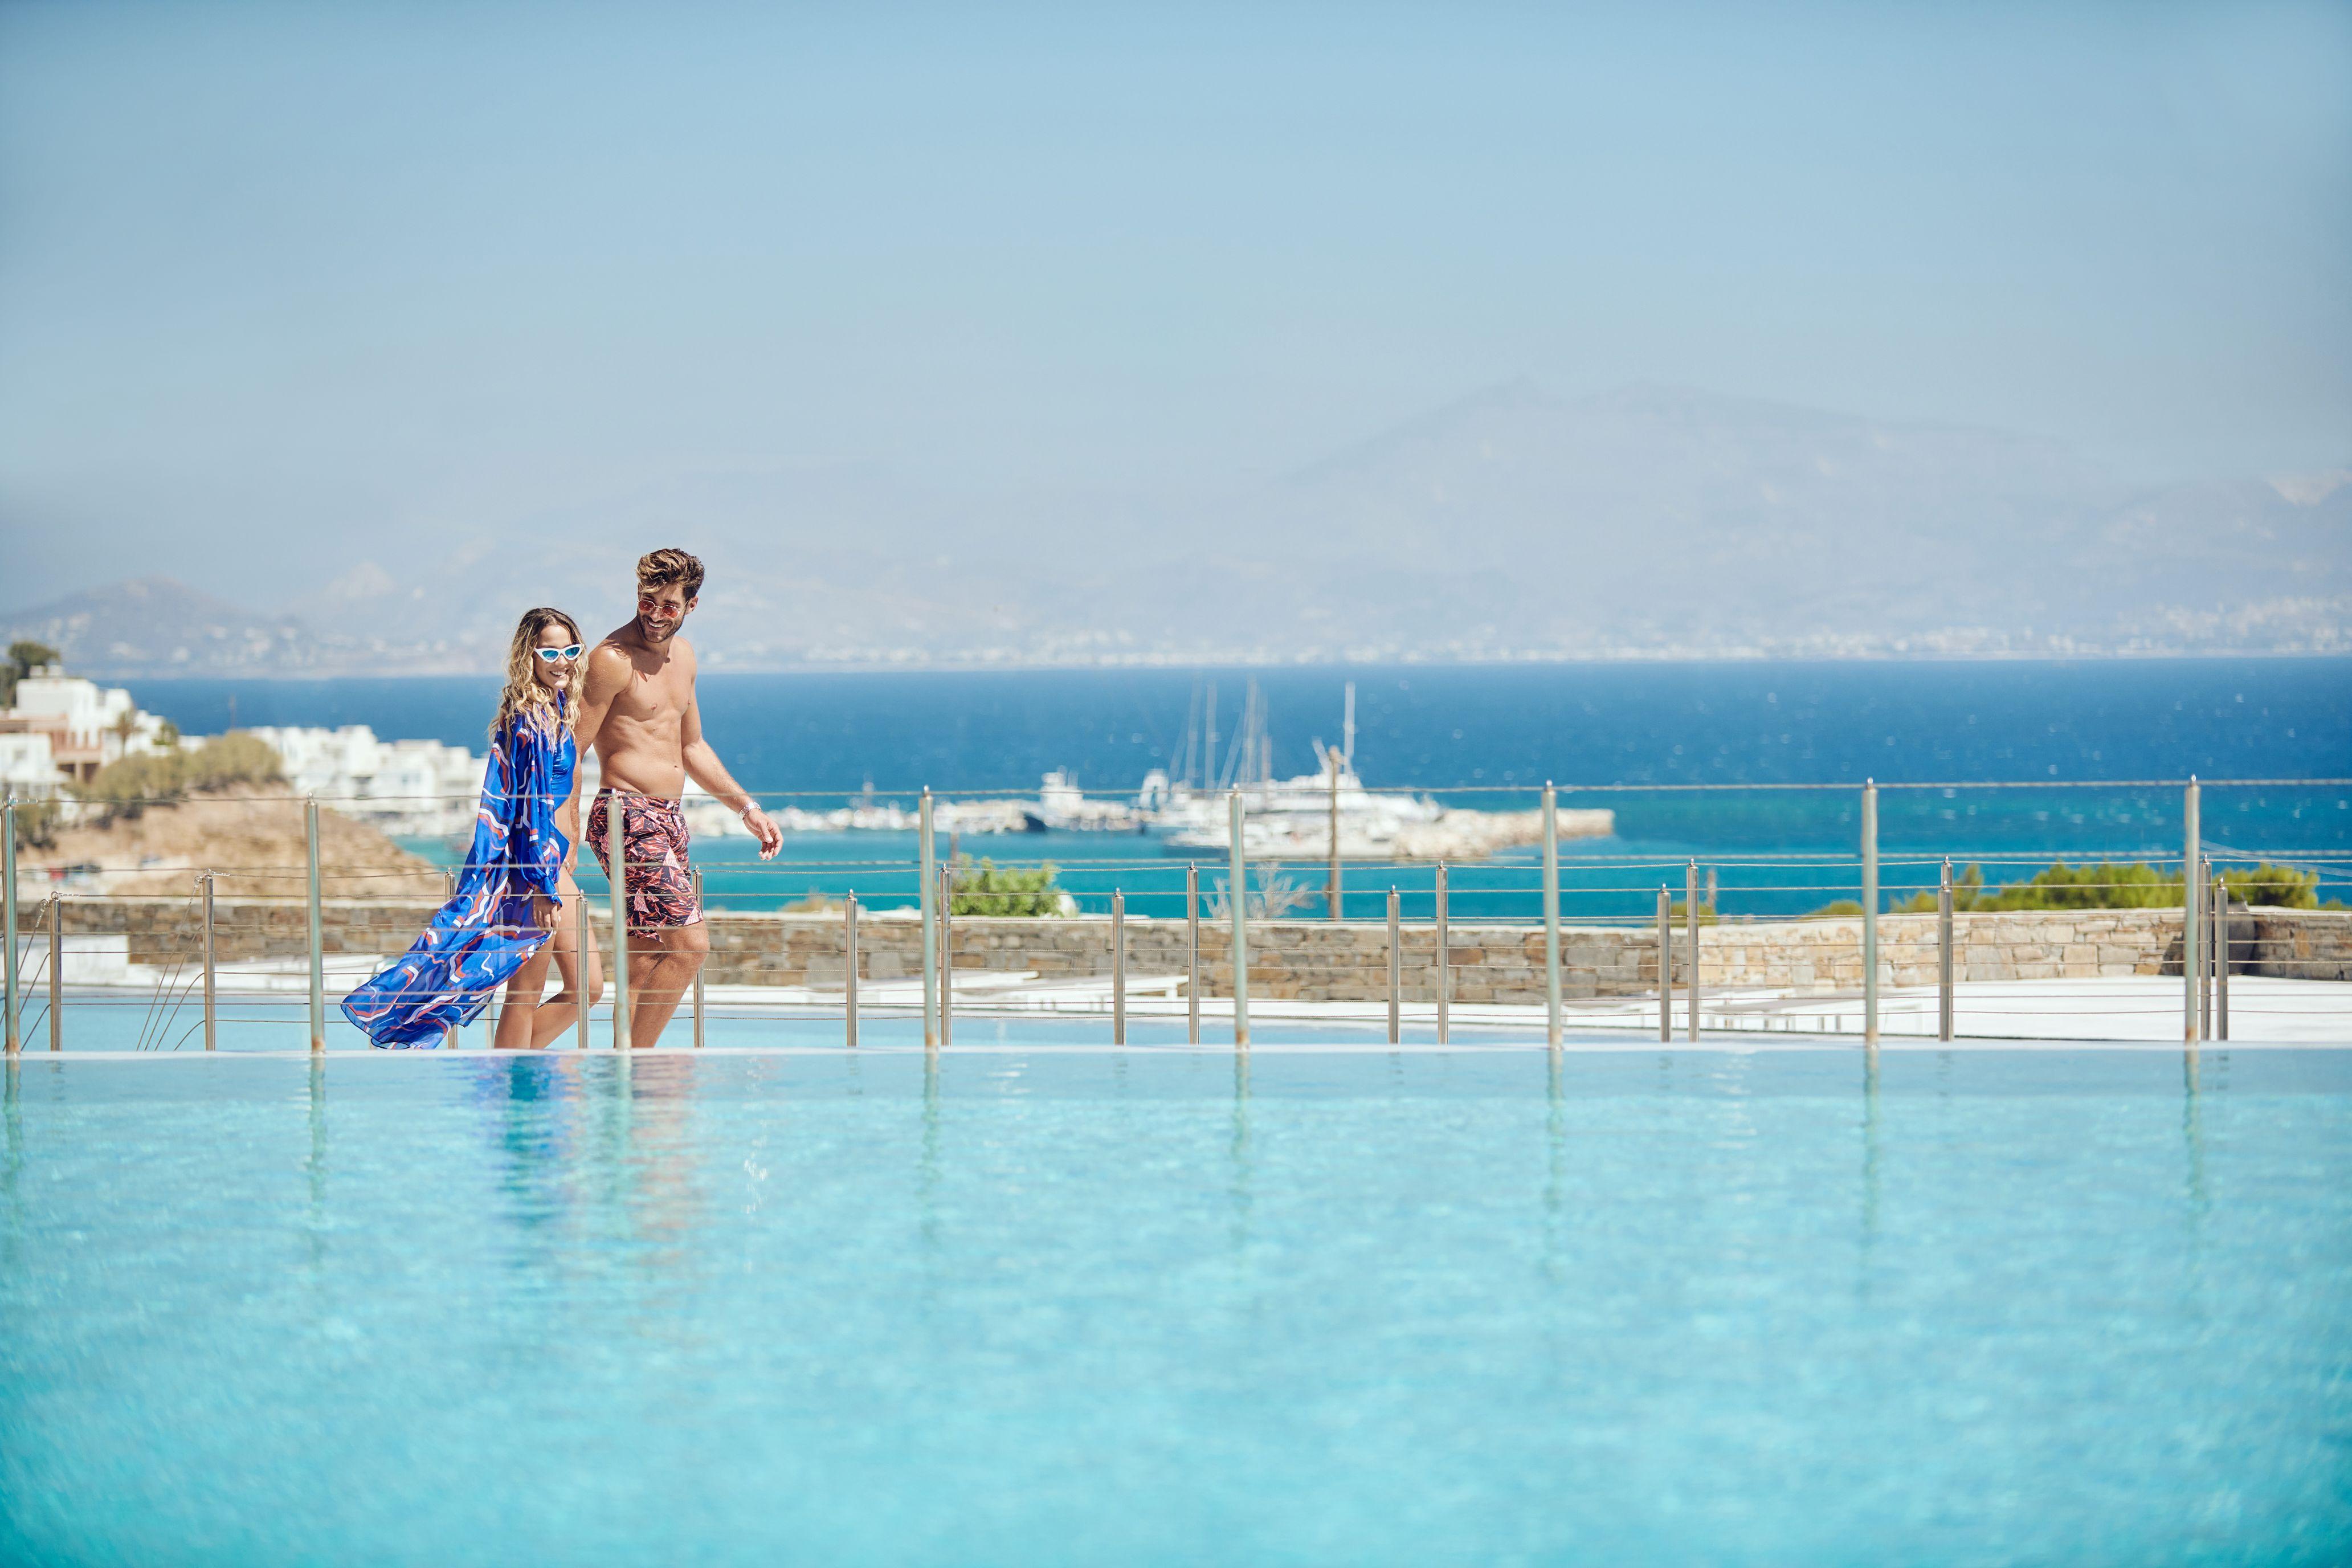 Το Summer Senses Luxury Resort υποδέχεται το ελληνικό καλοκαίρι